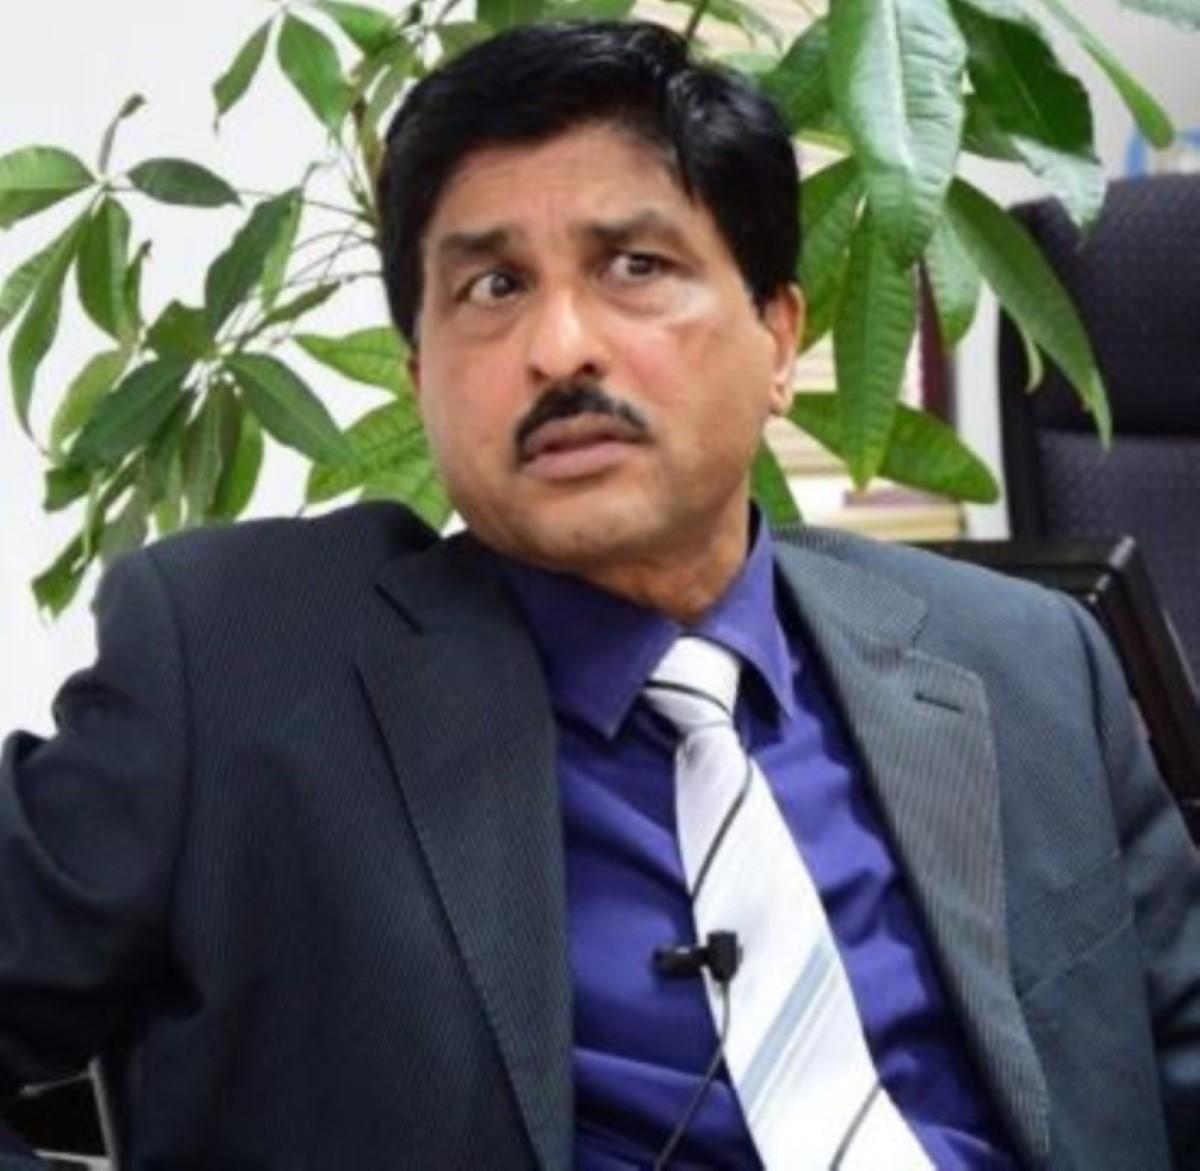 MBC : Anooj Ramsurrun, le chouchou du MSM, de retour à son poste